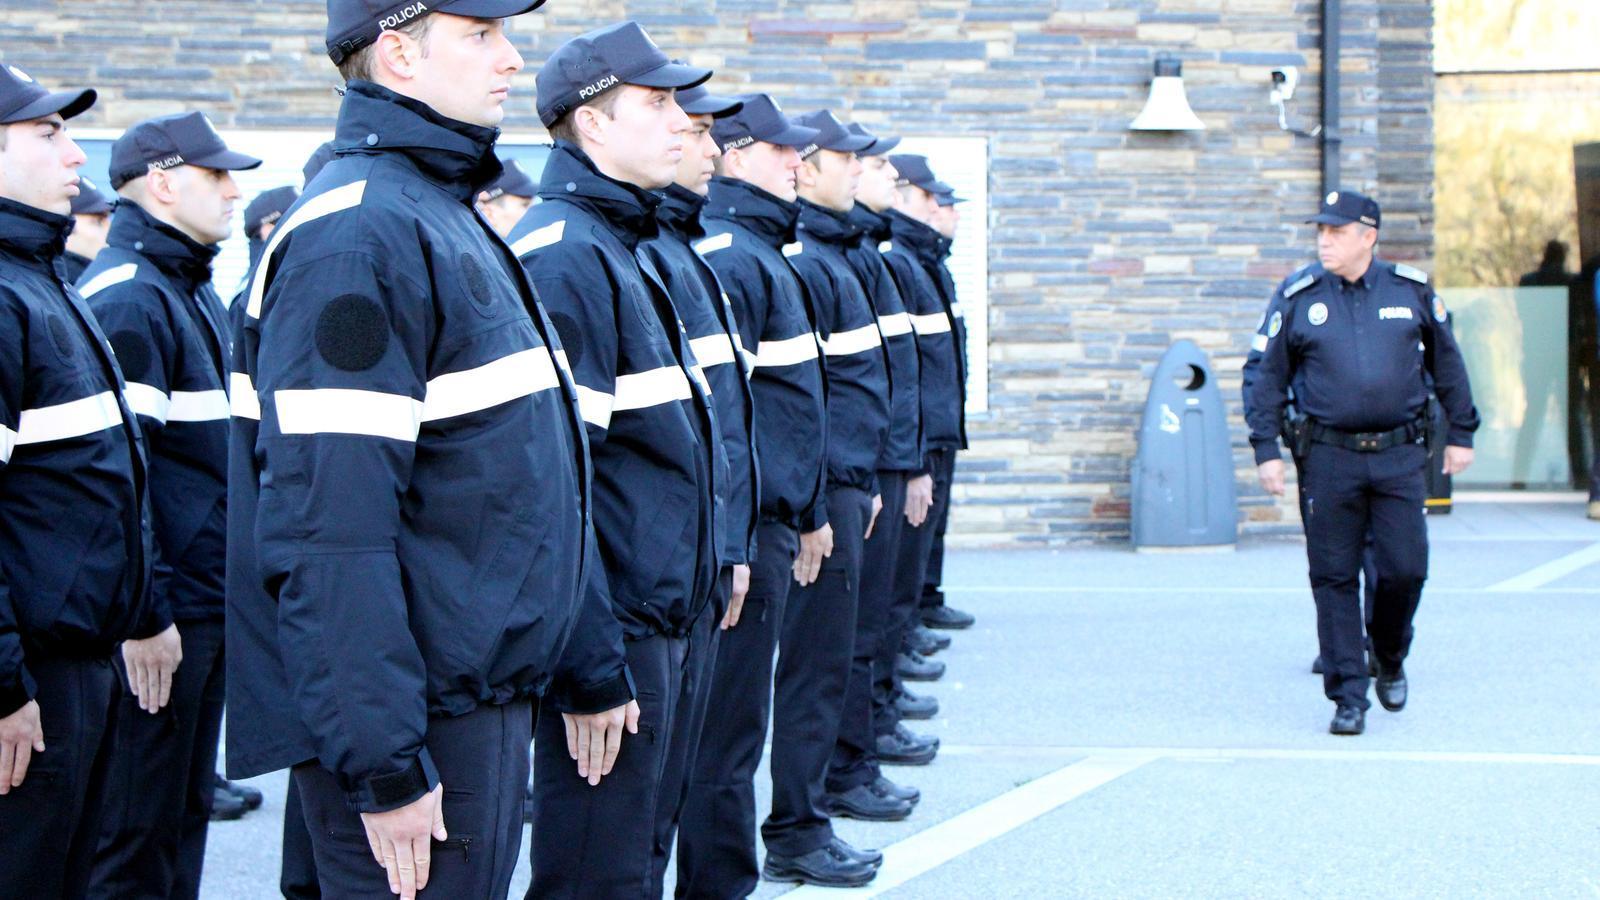 Un moment de la cerimònia d'obertura de la 53a promoció d'agents de policia. / C.G. (ANA)